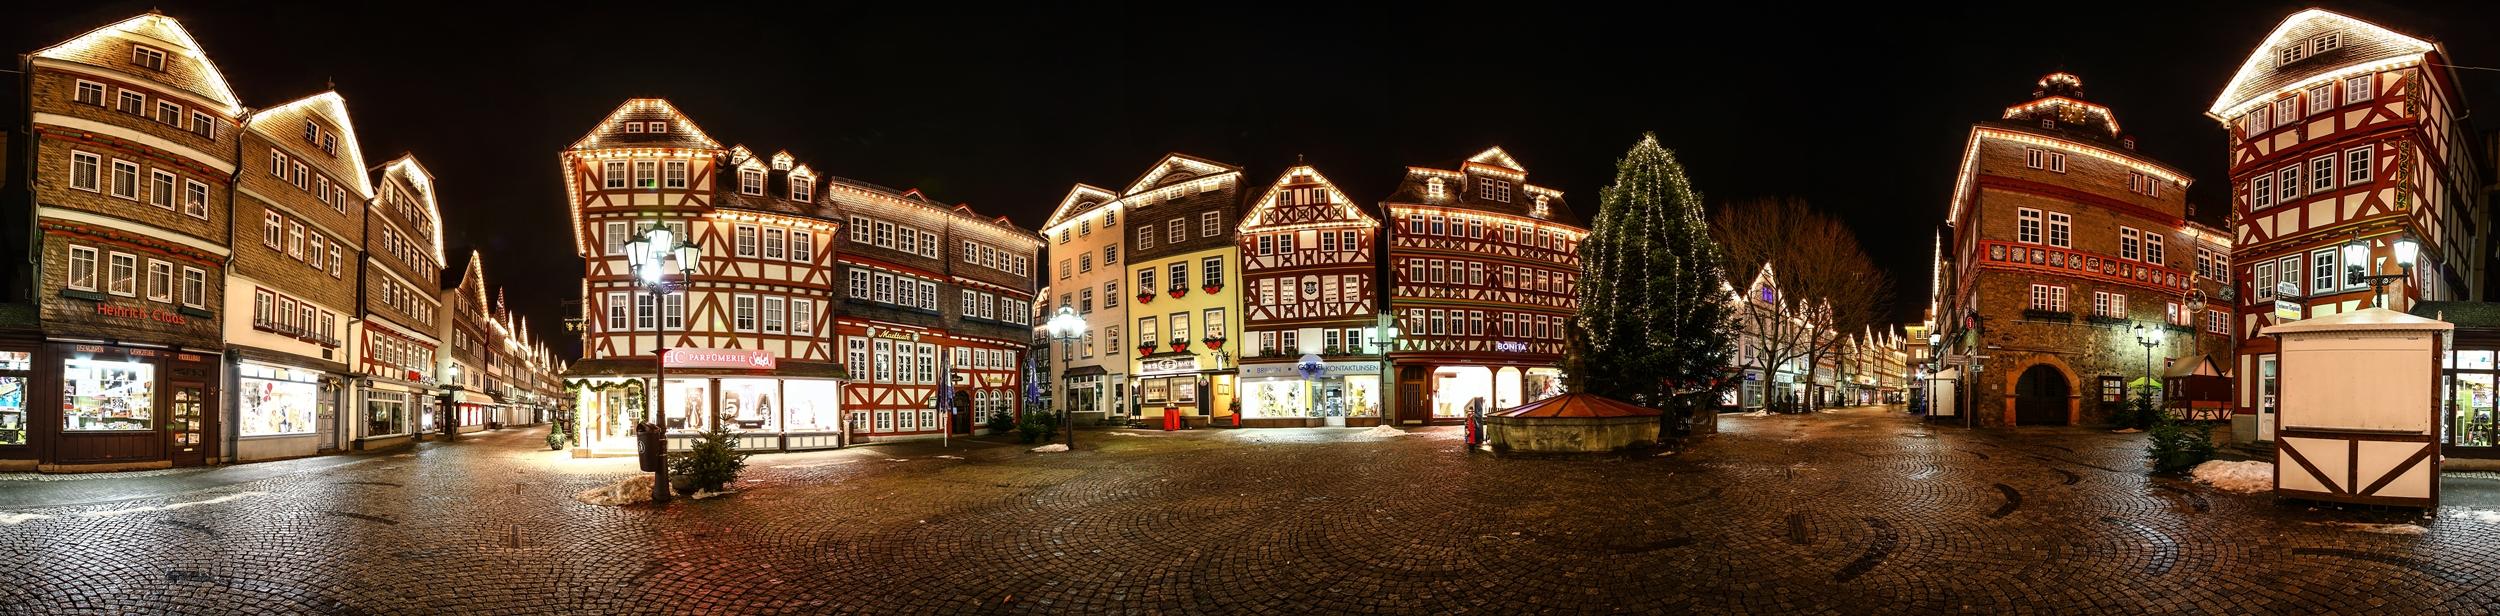 Giebelbeleuchtung_MarktplatzHerborn_Jürgen_Brieger